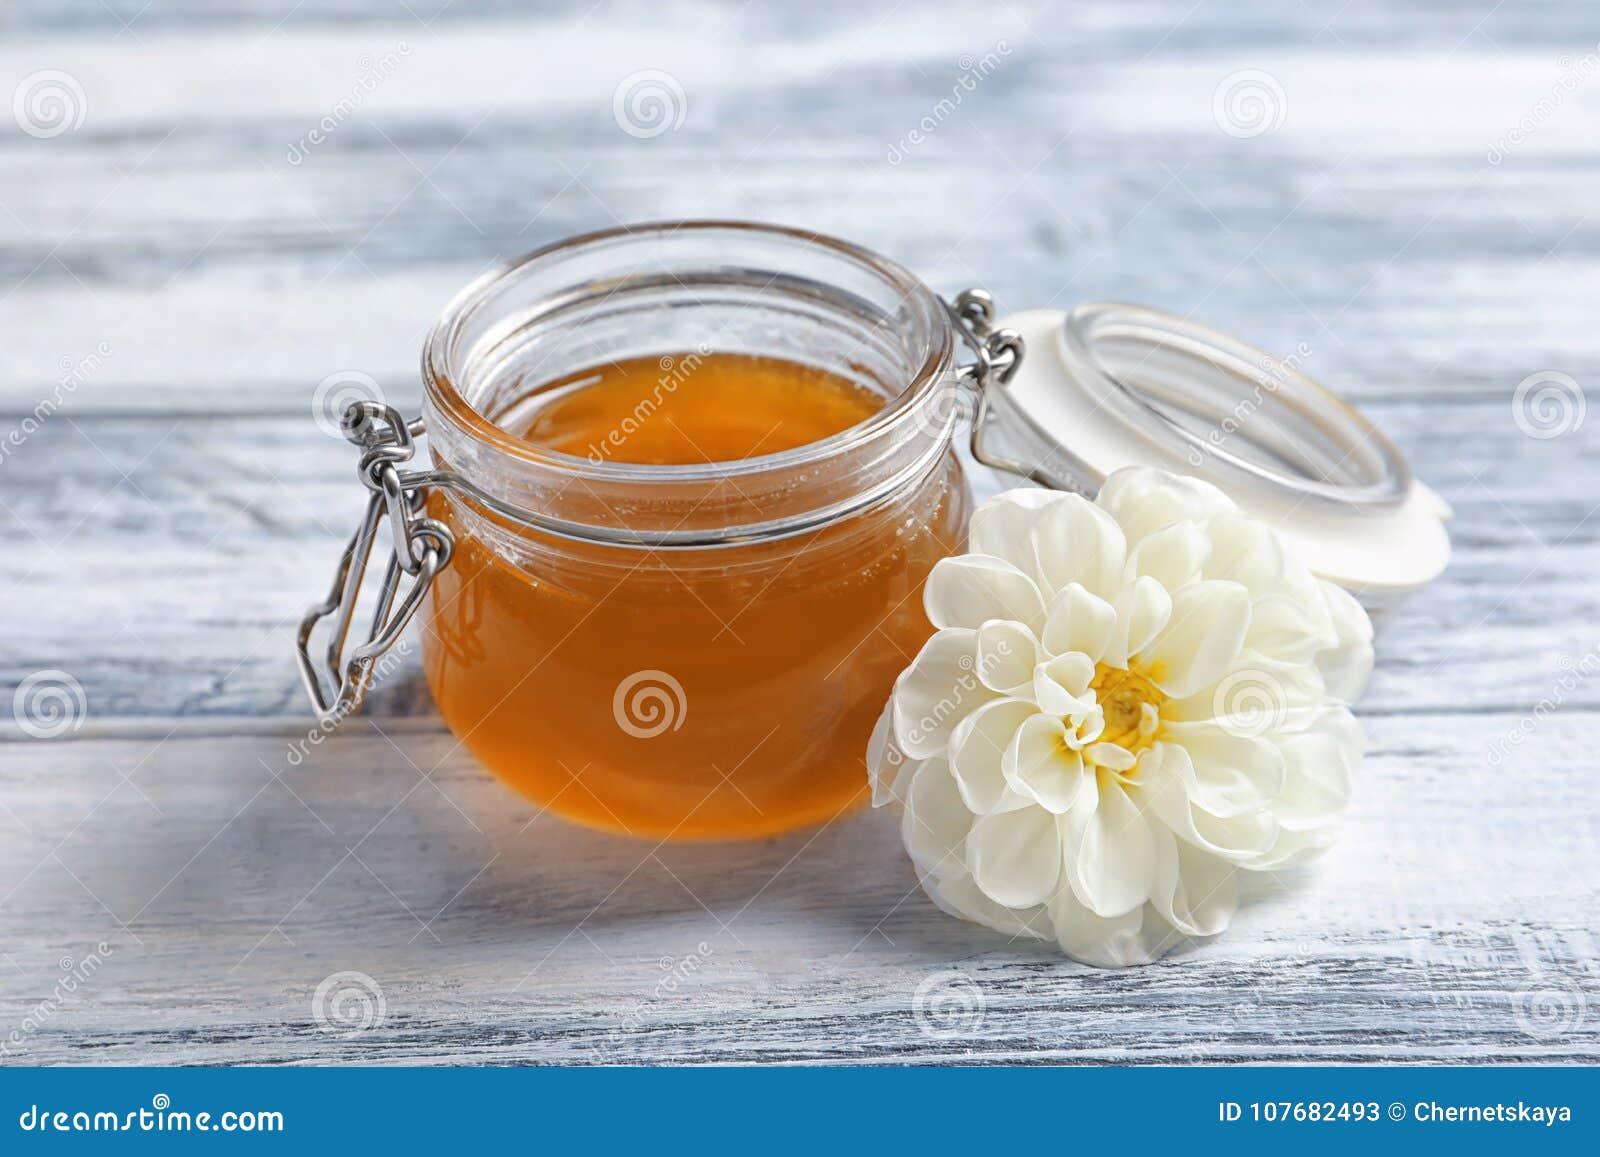 Glass jar with honey and white flower stock image image of golden download glass jar with honey and white flower stock image image of golden medicine mightylinksfo